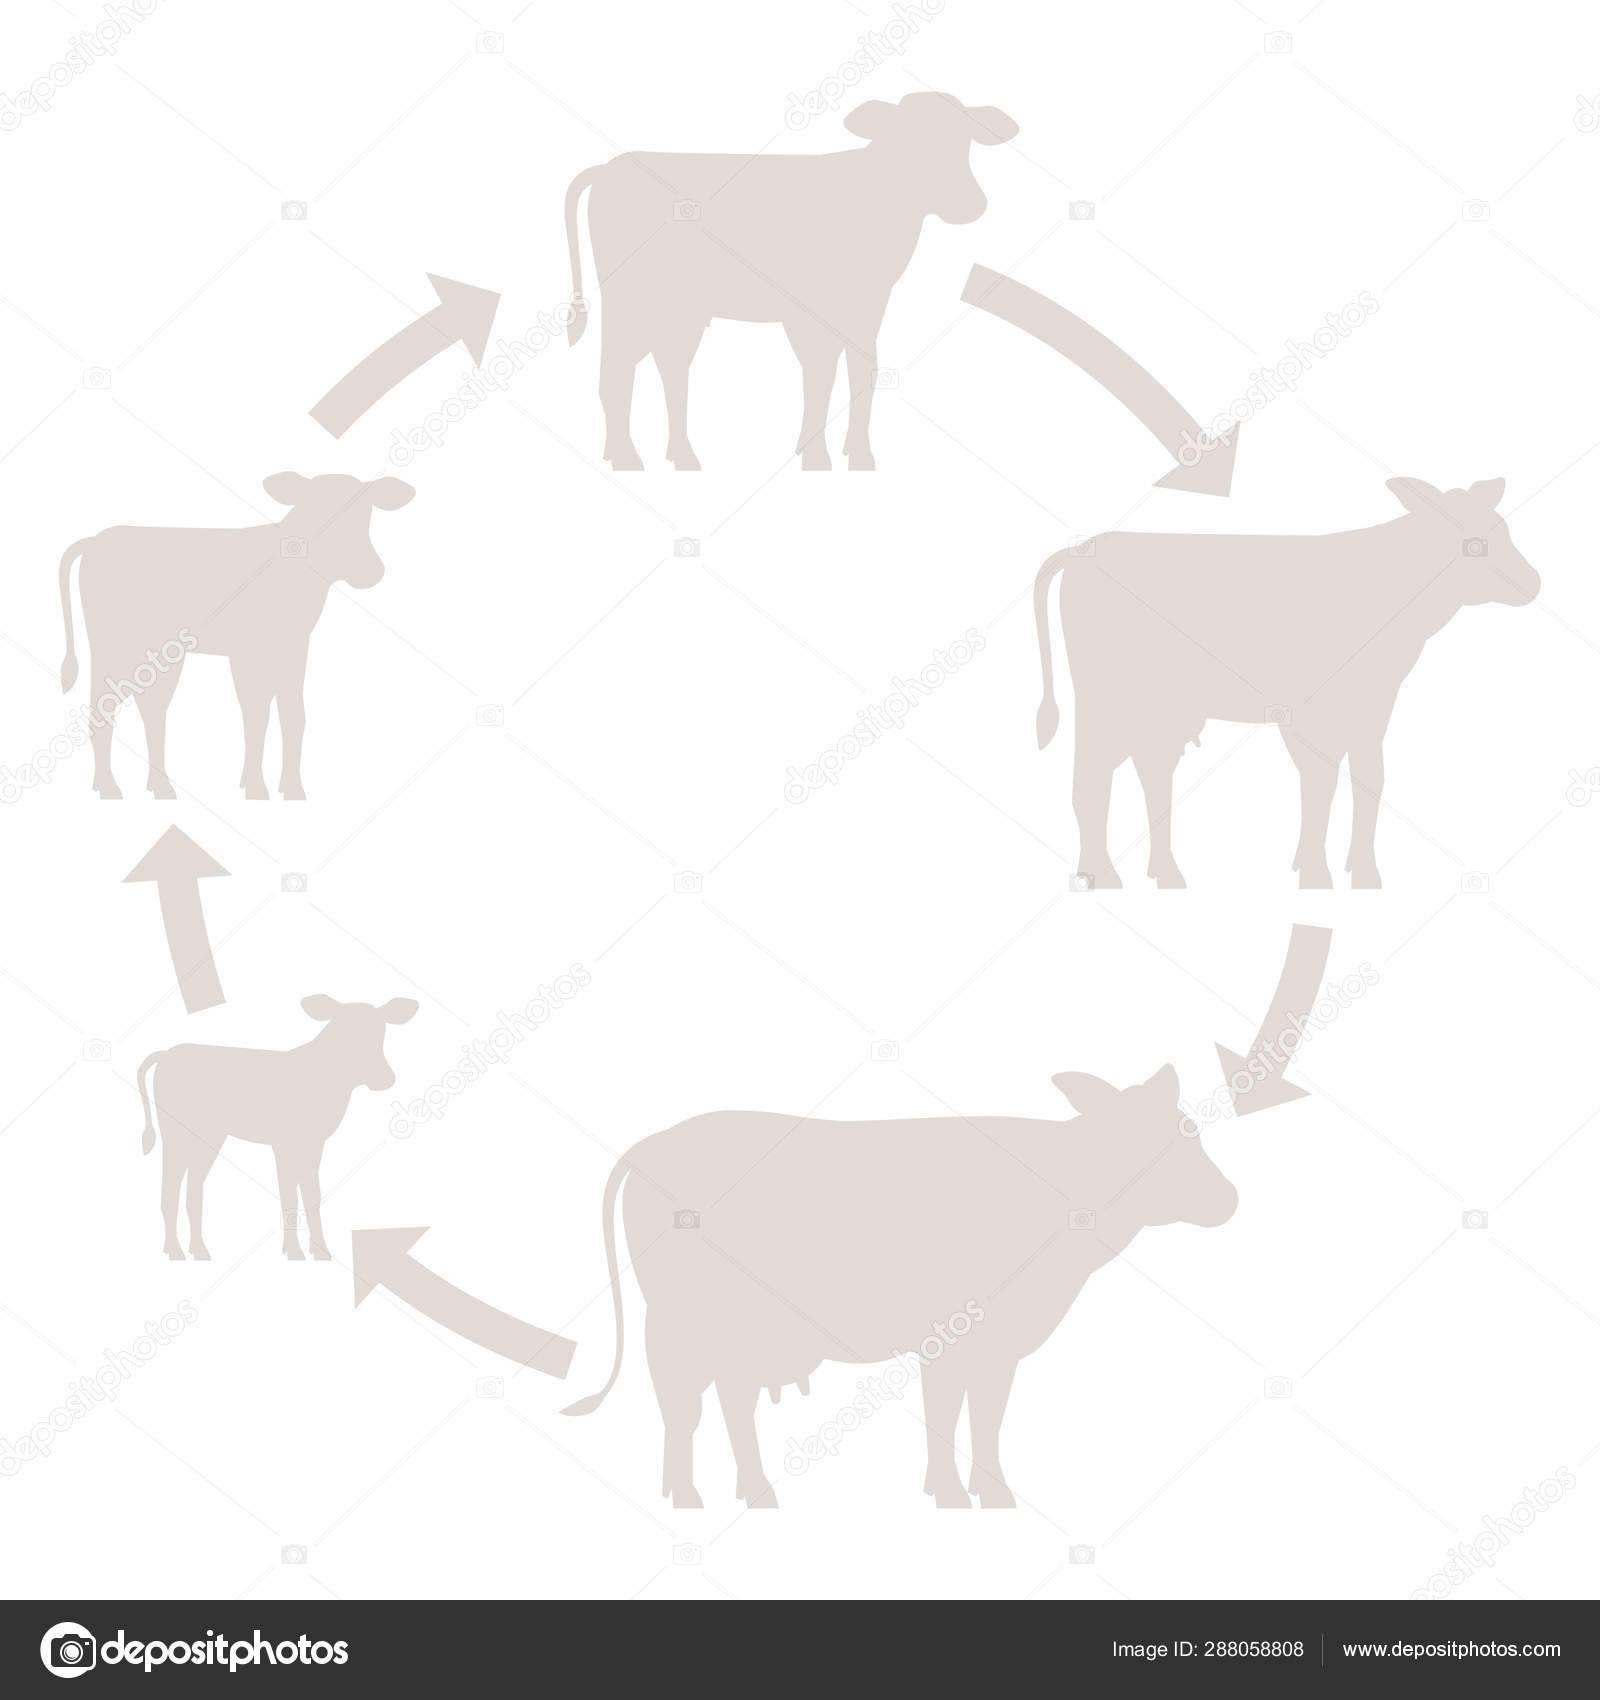 Как построить ферму для крс: основные принципы и требования